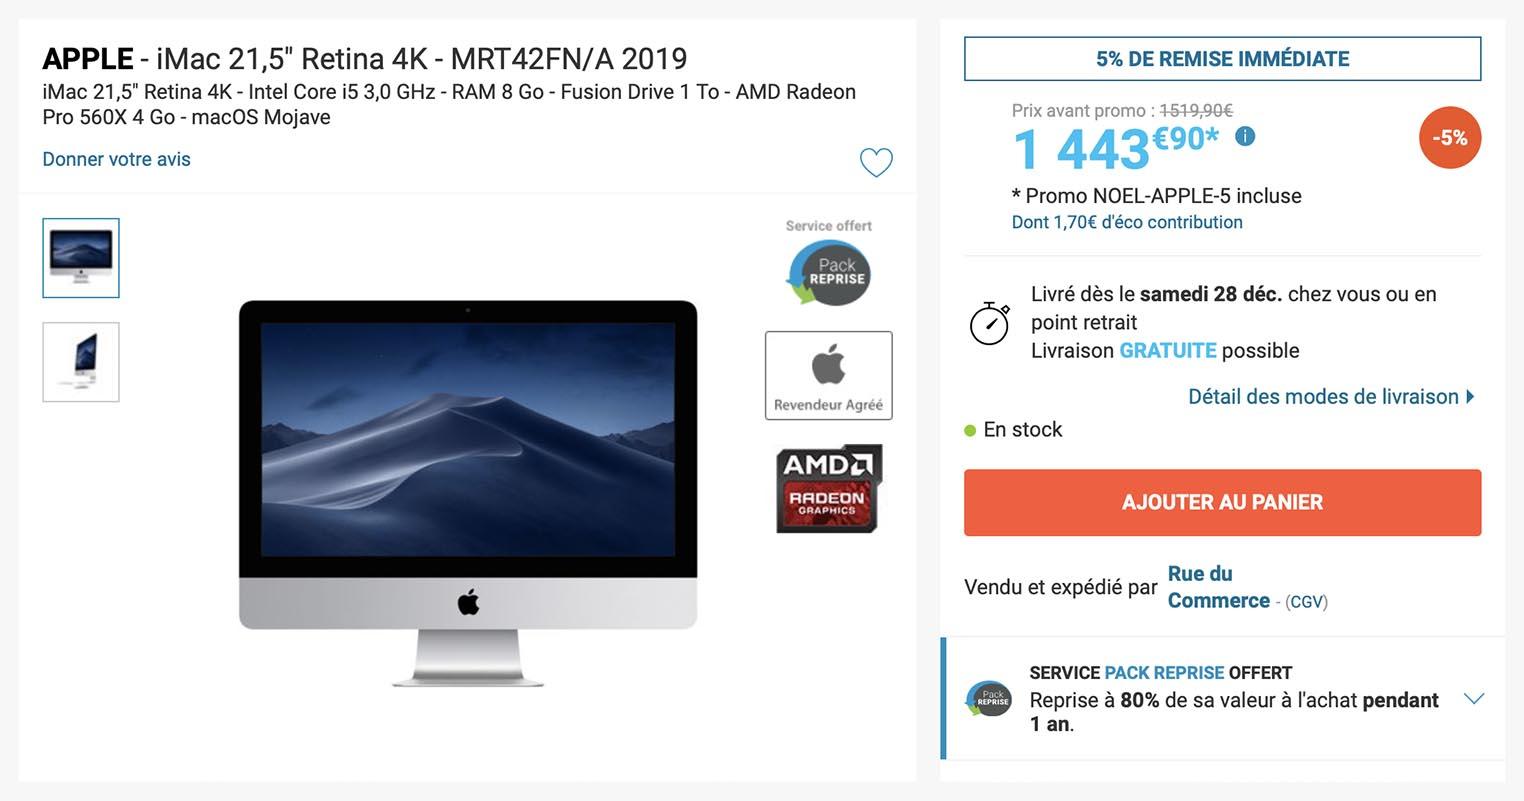 iMac Rue du Commerce